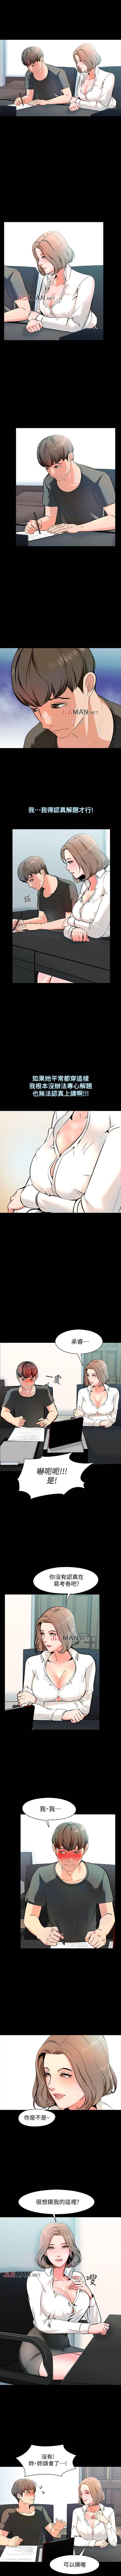 【周一连载】家教老师(作者: CreamMedia) 第1~44话 5